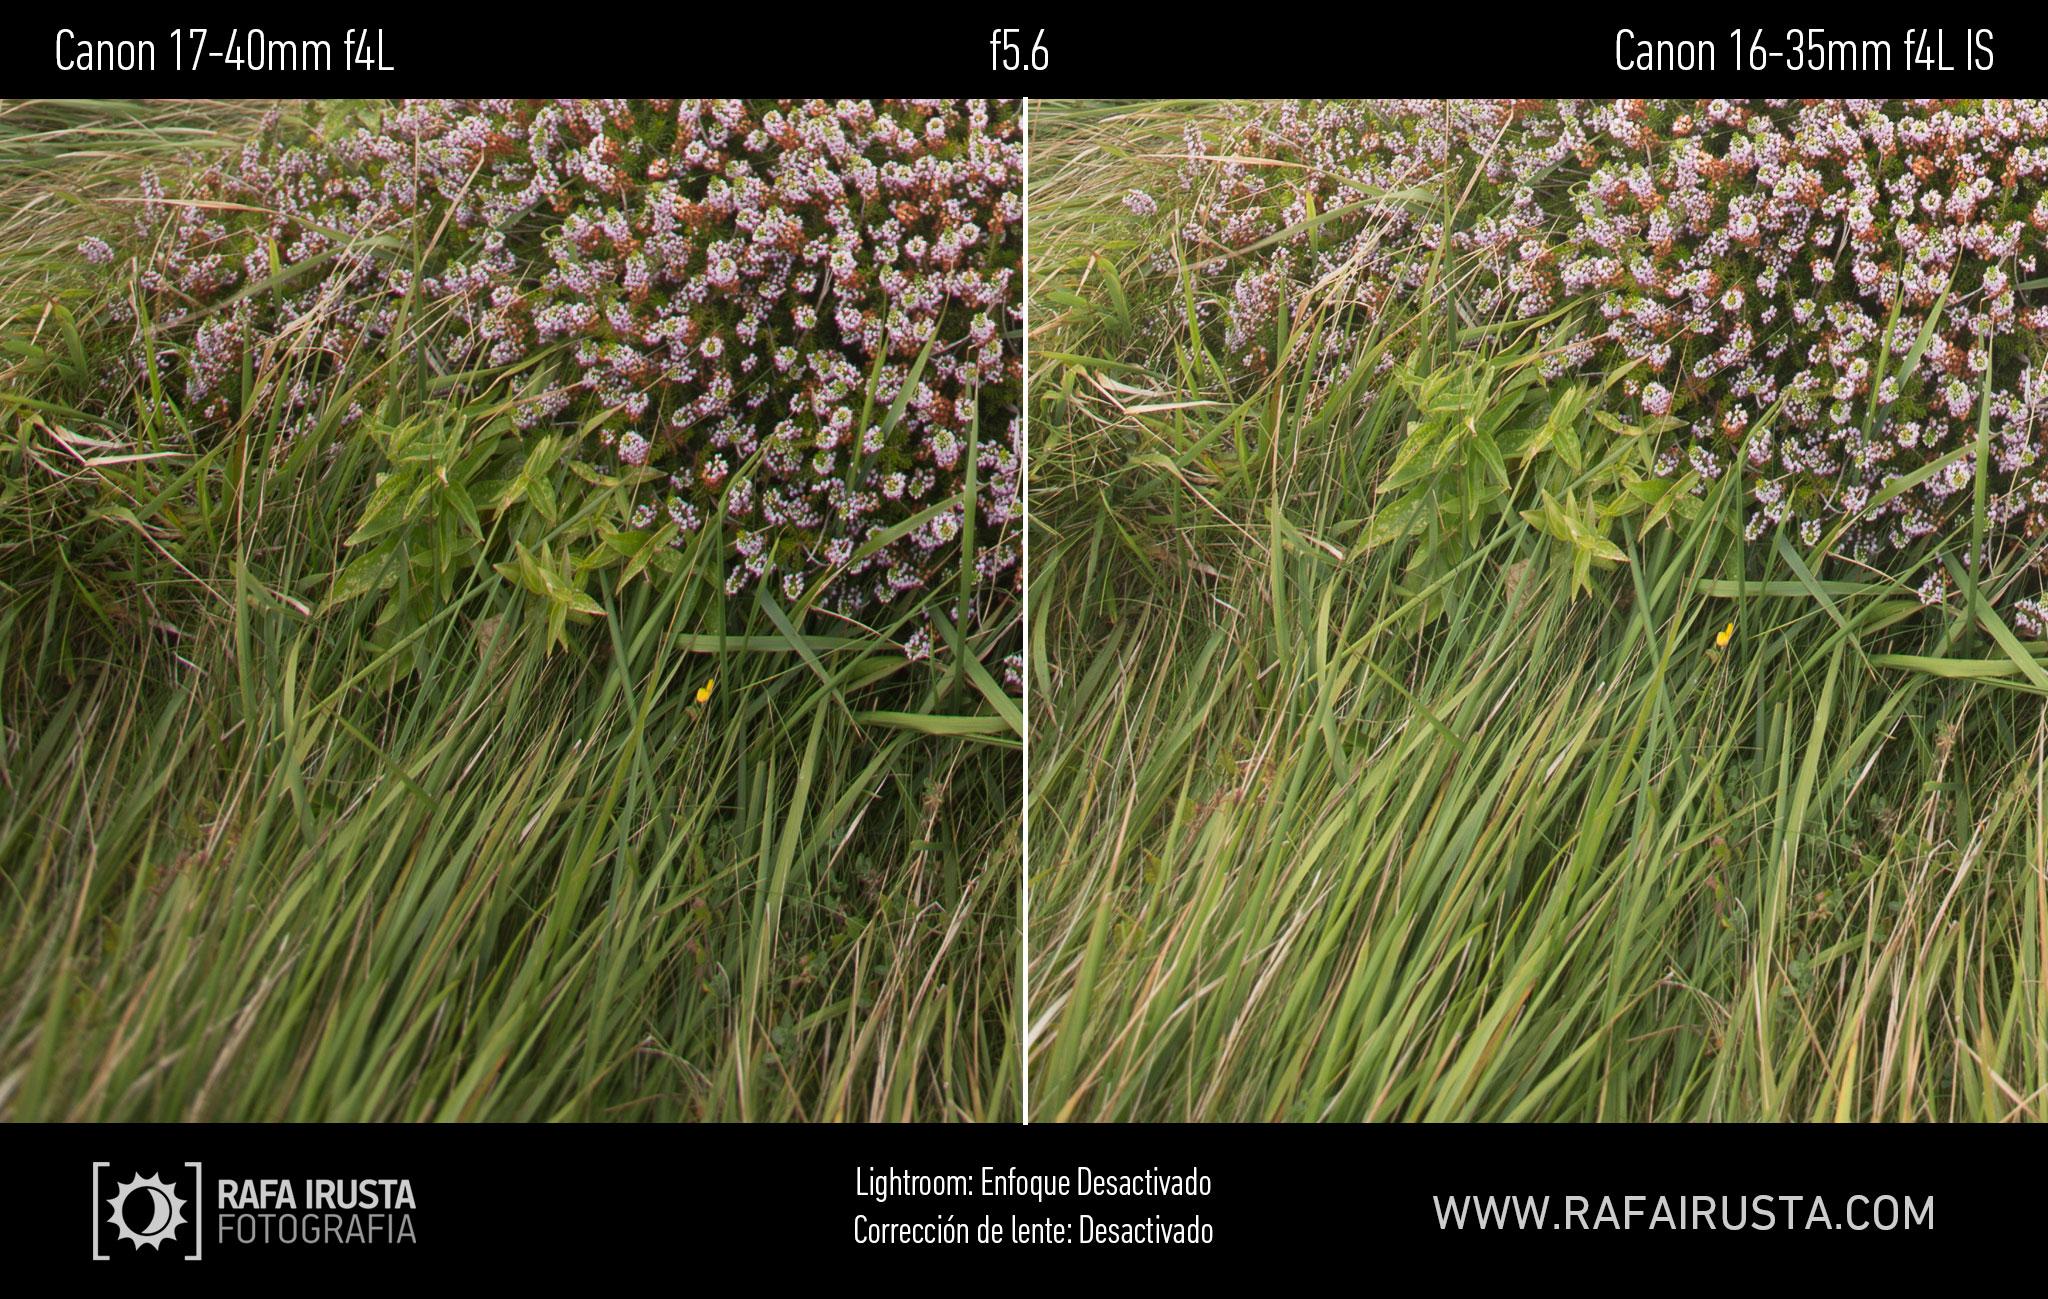 Prueba Canon 16-35mm f/4L IS, comparativa 17-40 vs 16-35 sin enfoque y sin ajuste de perfil, f/5,6